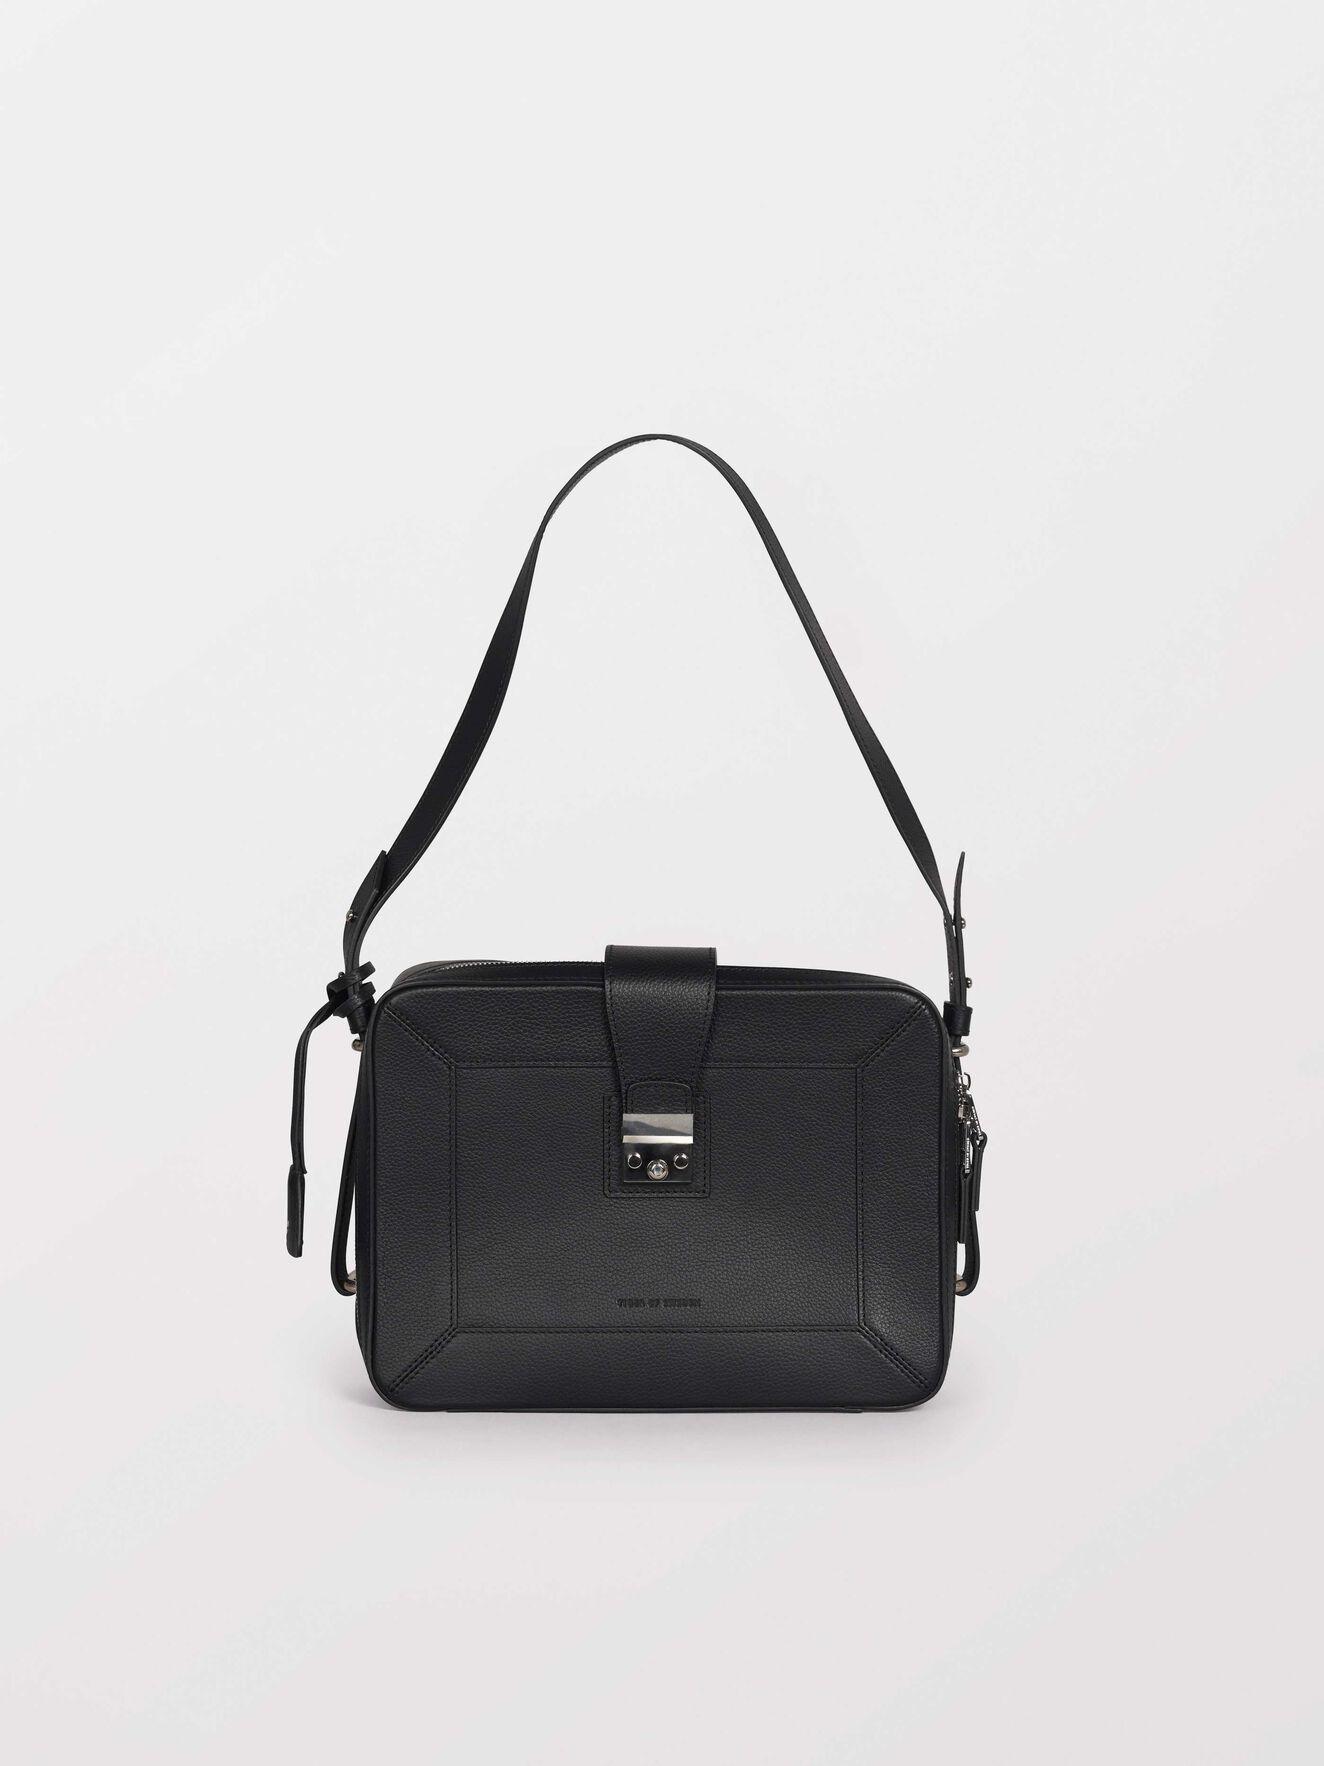 31ea14e376543 Bags - Shop our extensive bag range online at Tiger of Sweden